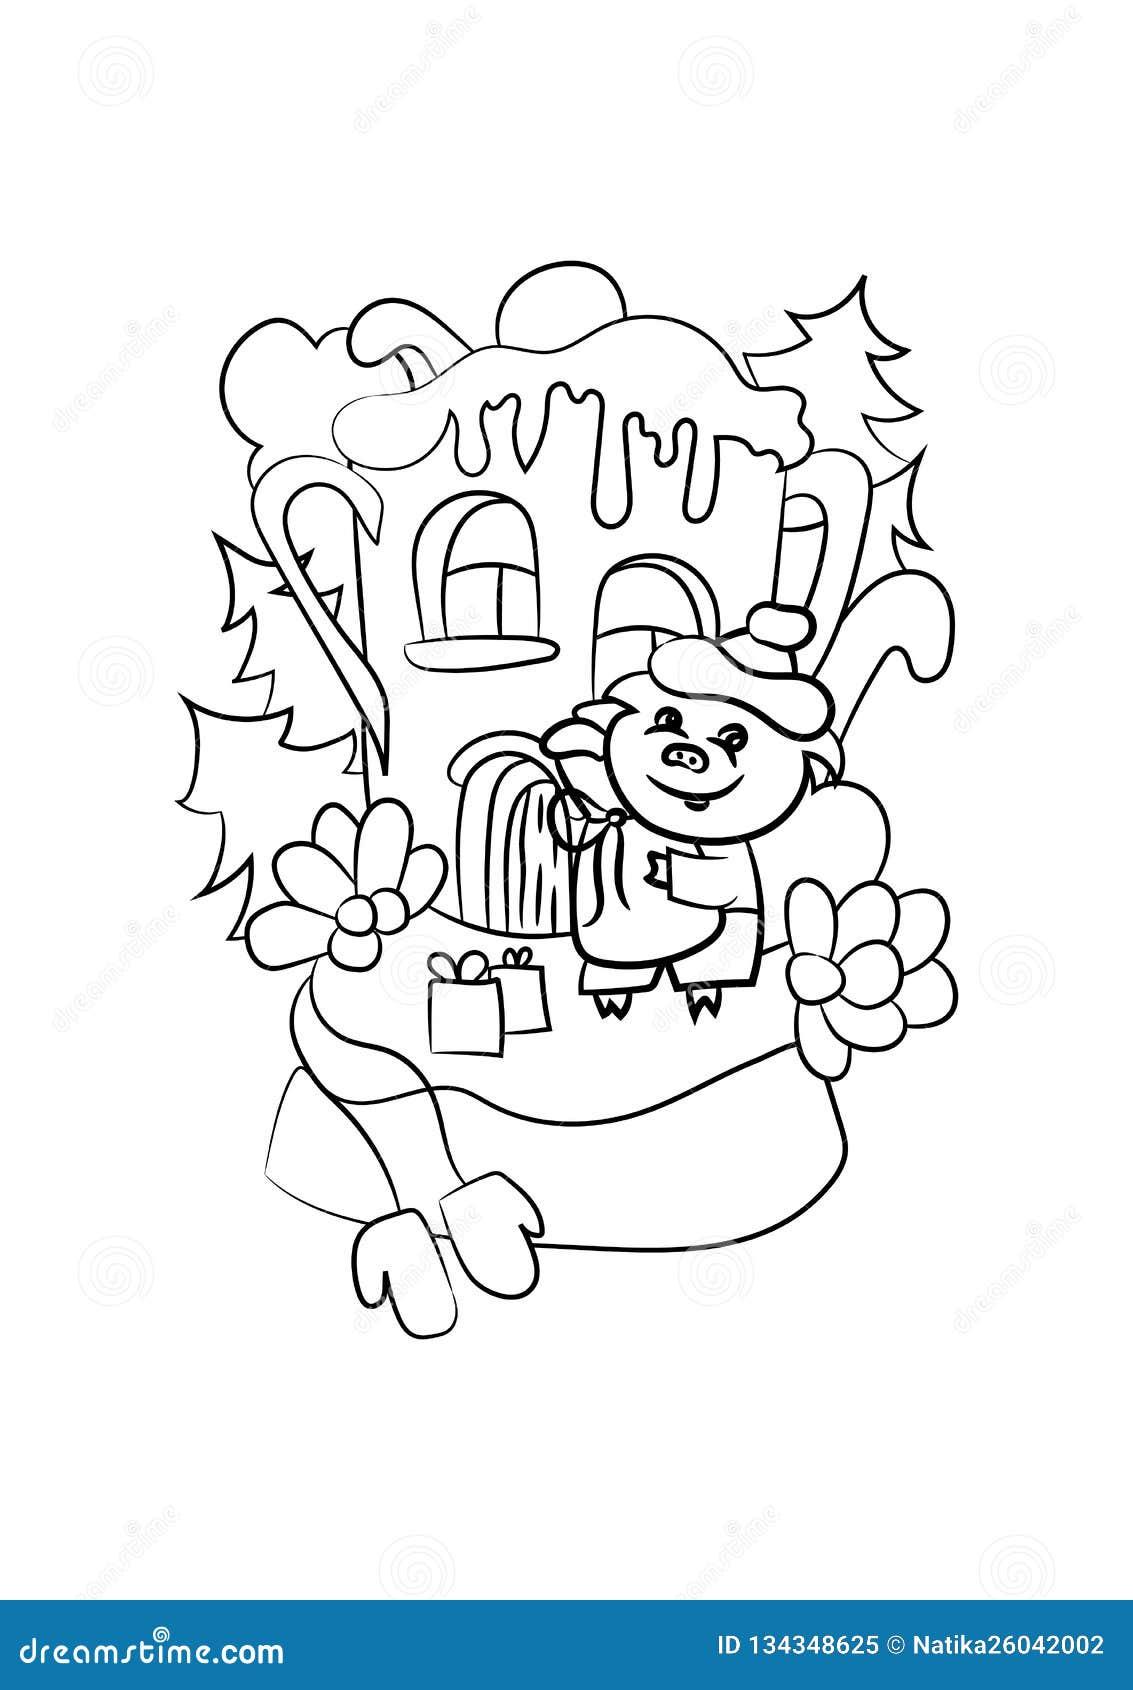 Διανυσματική απεικόνιση για το χρωματισμό Το Piggy ήρθε στο σπίτι με τα δώρα